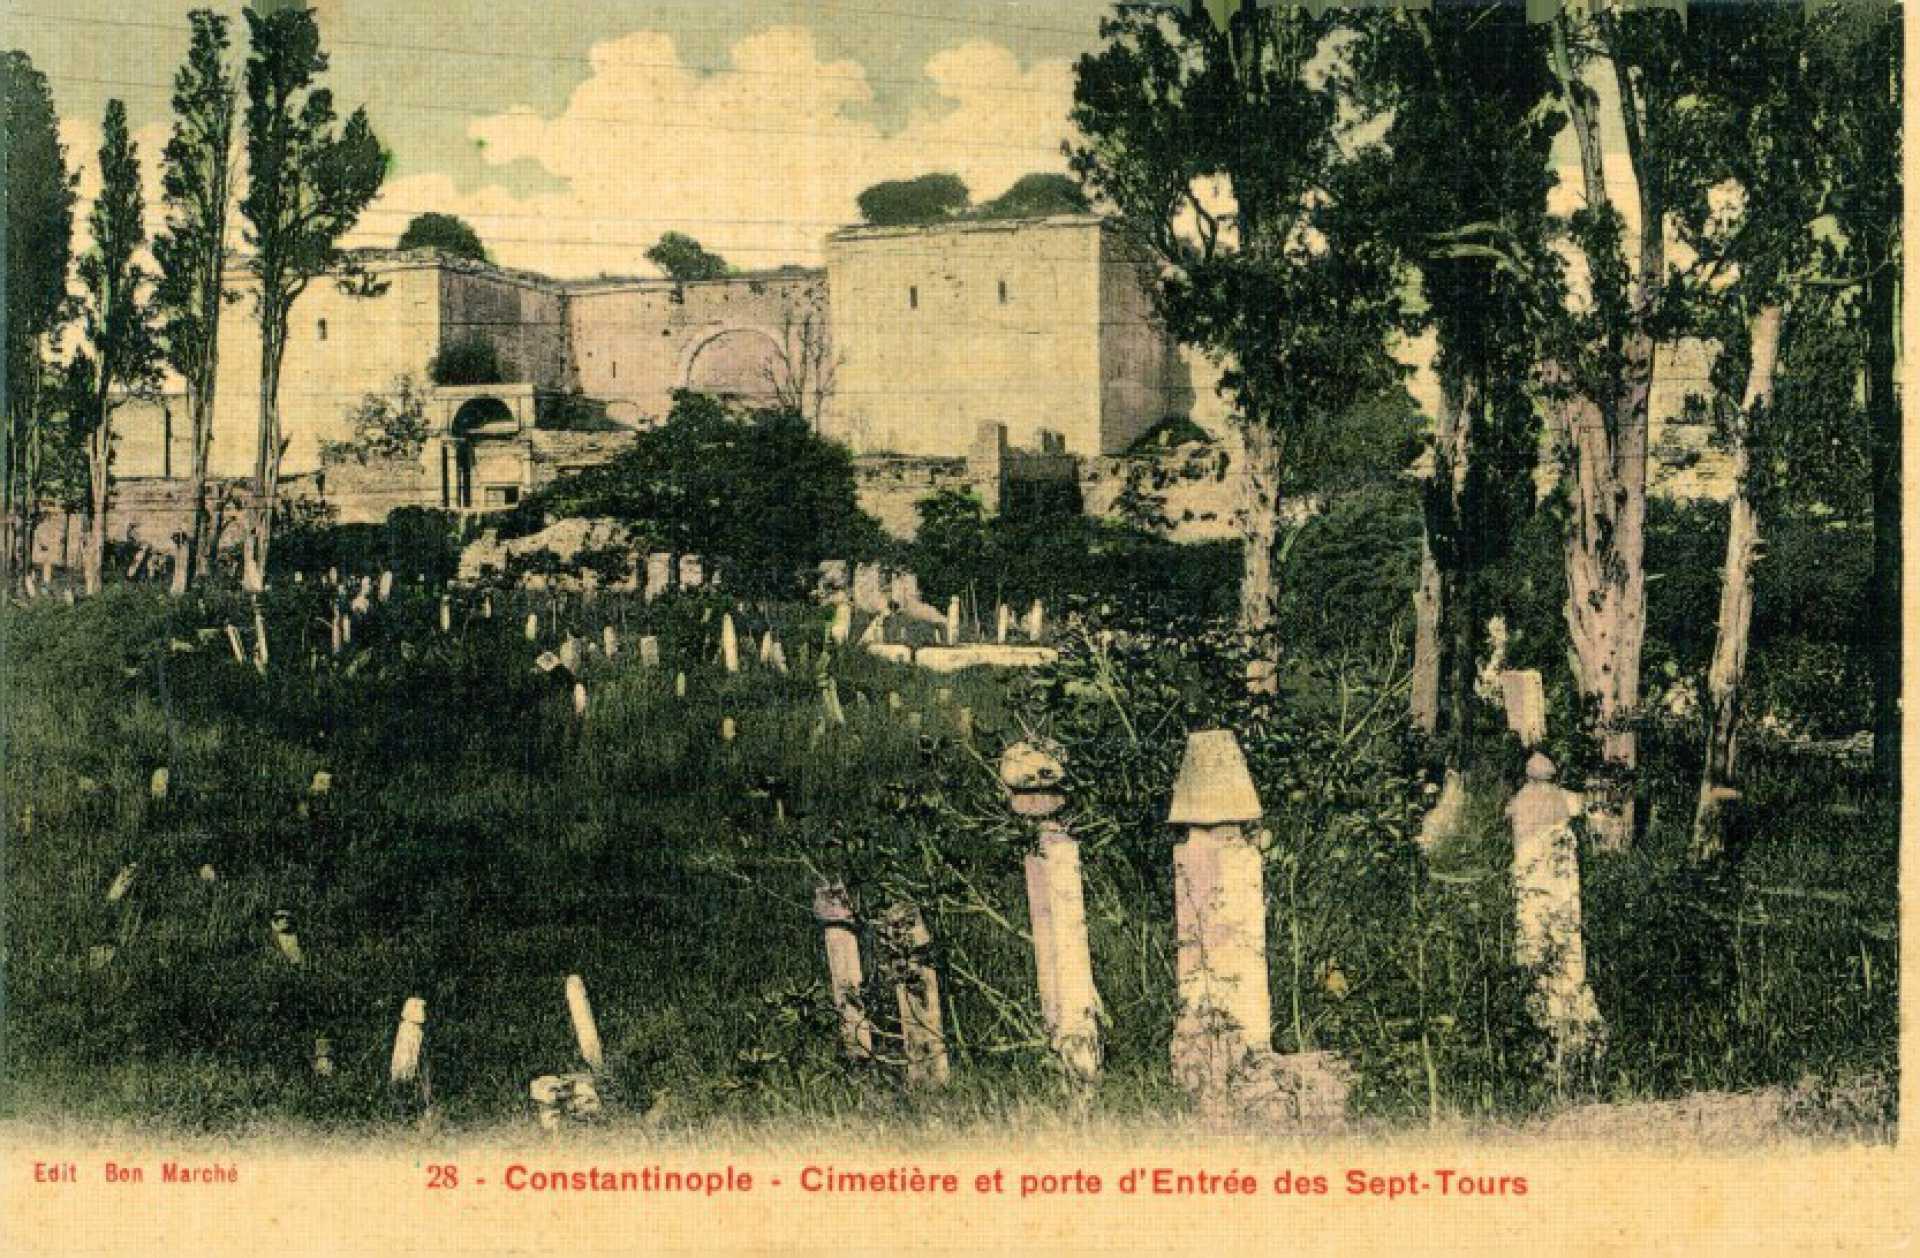 Cimetiere et porte d'Entree des Sept-Tours